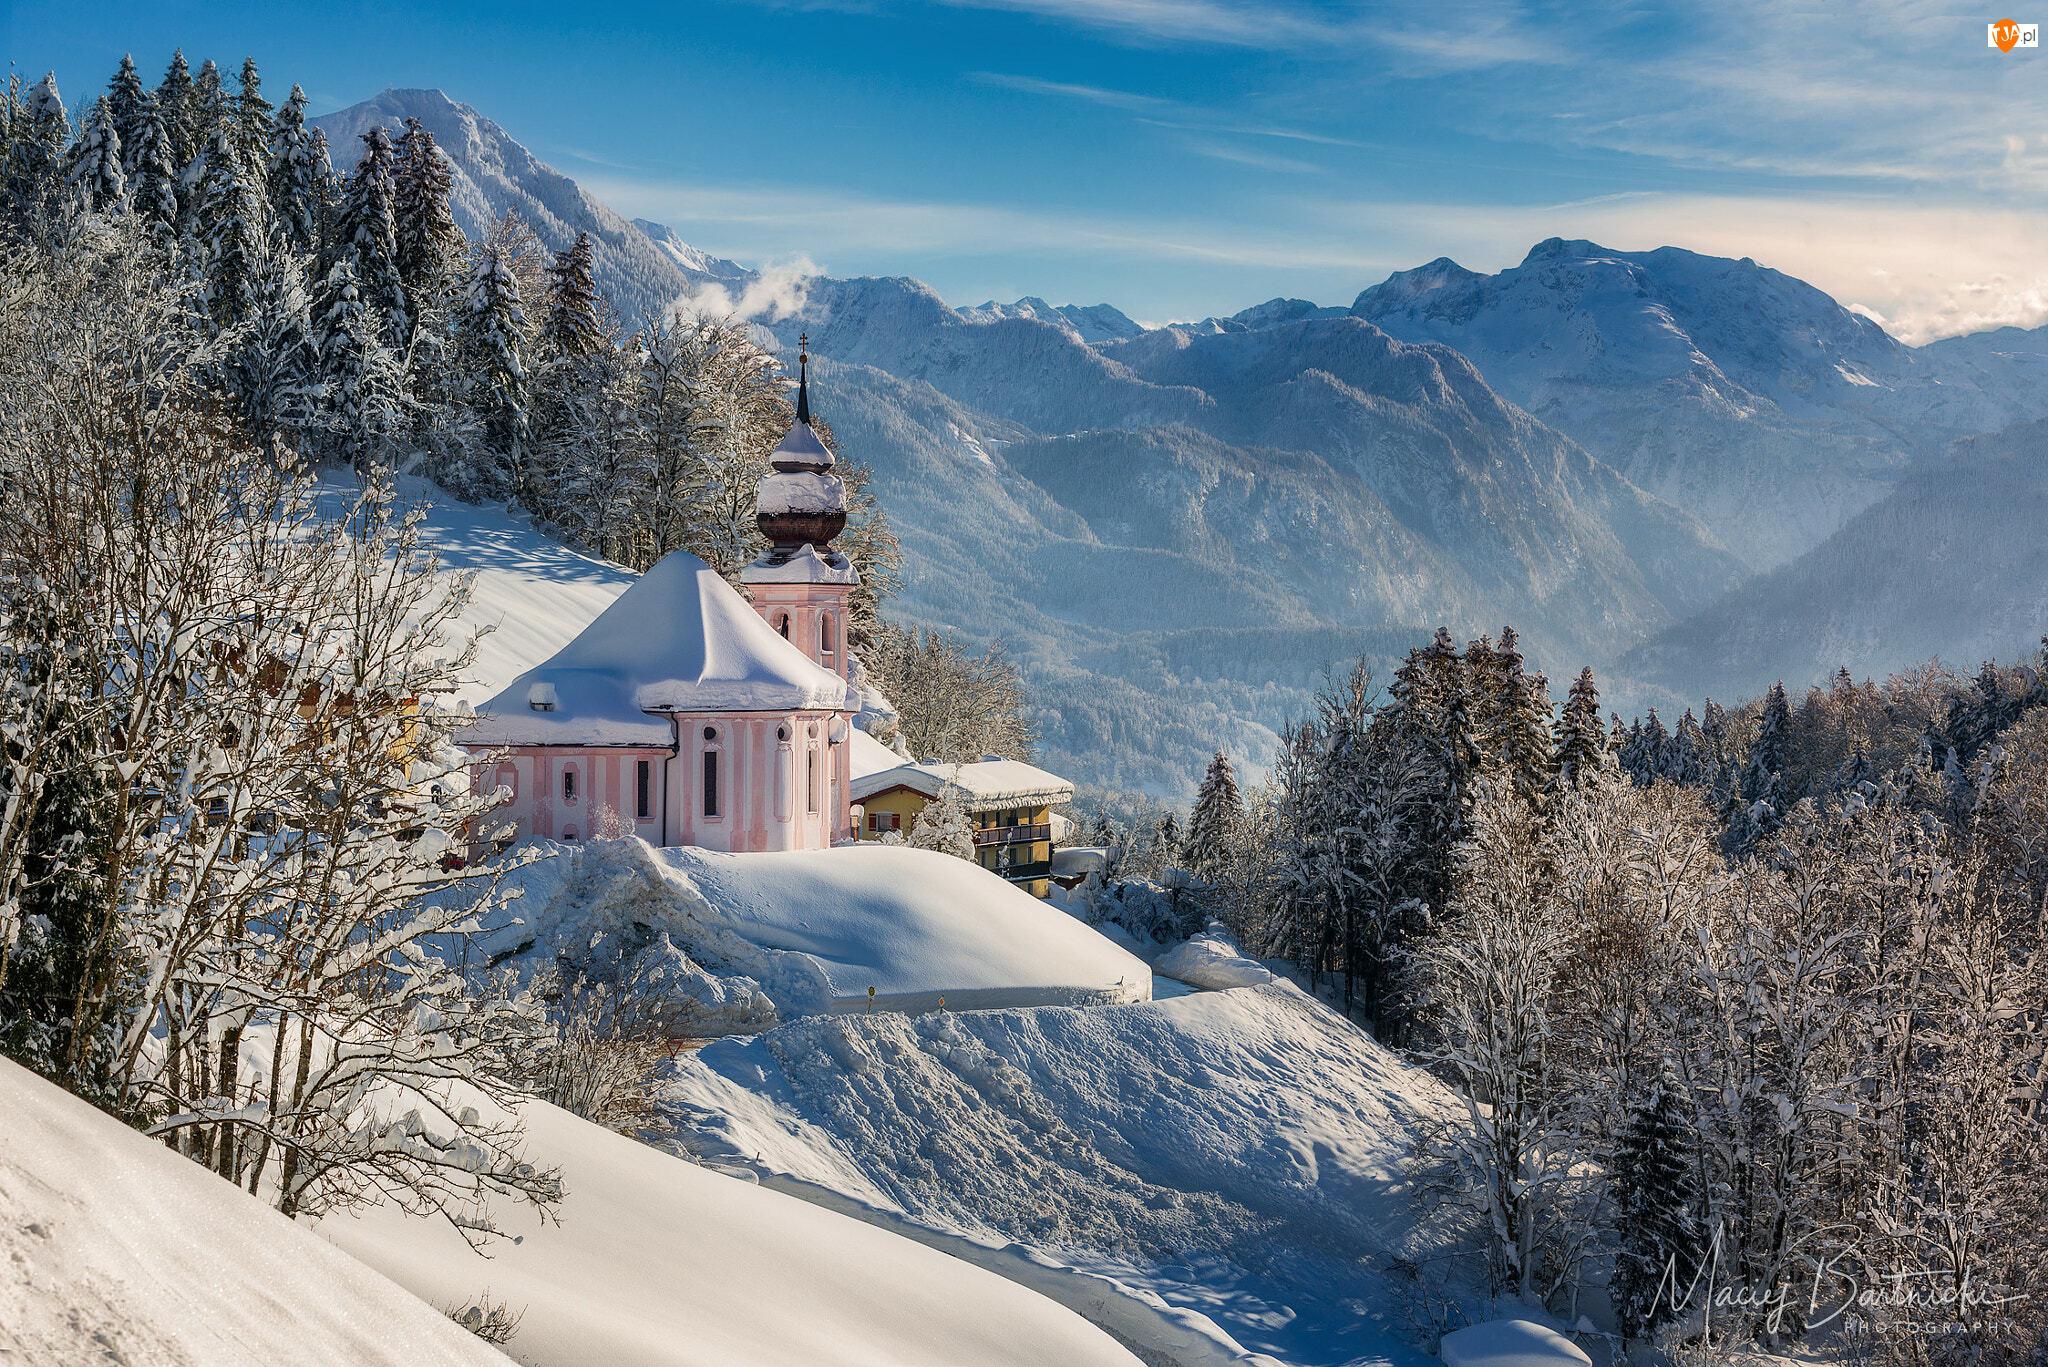 Niemcy, Alpy Salzburskie, Bawaria, Sanktuarium Maria Gern, Berchtesgaden, Kościół, Drzewa, Góry, Zima